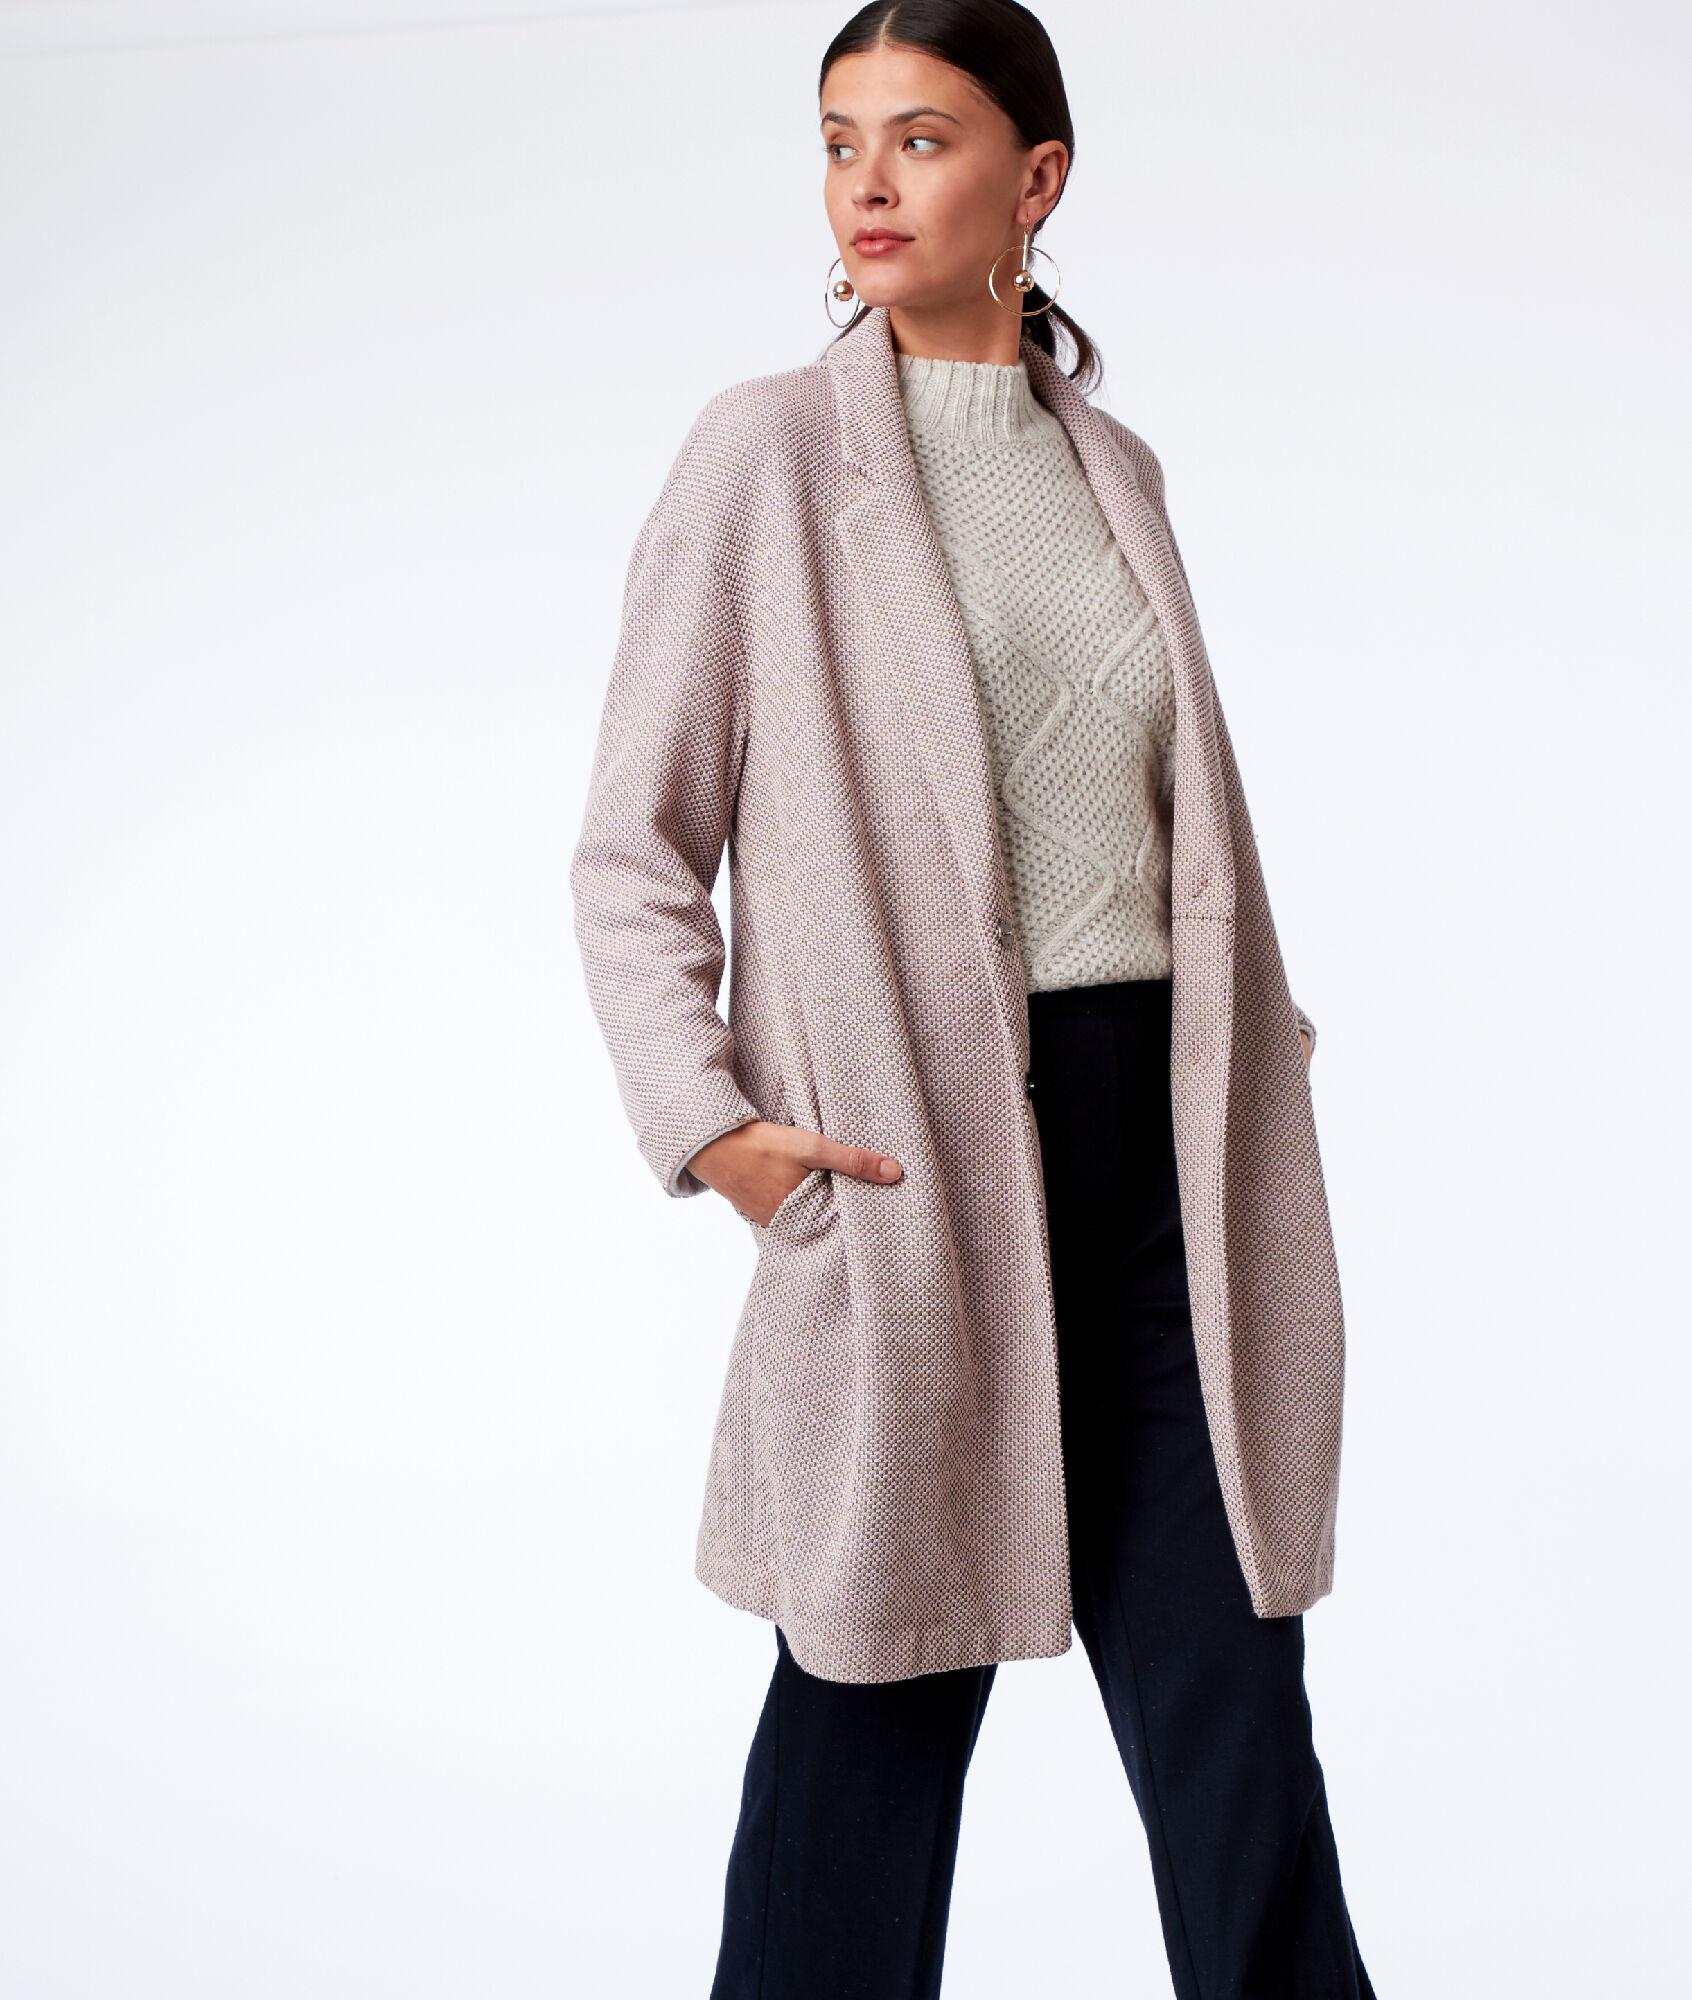 e2a09dab7cb14 mujer mujer Abrigos Moda de Etam Etam de online mujer qz1qxnw4p